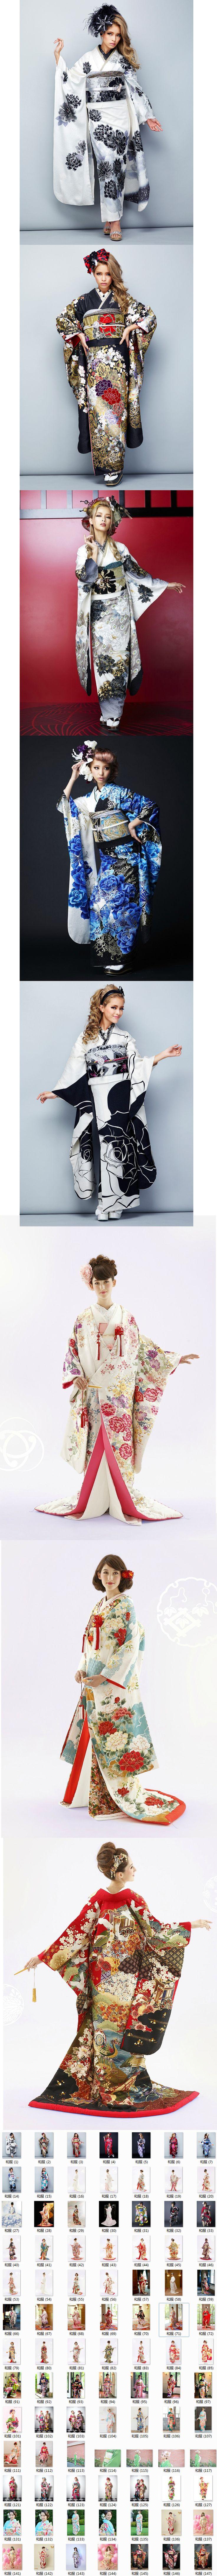 和服参考图集 日本风服饰设计 衣服 游戏原画 资料图集 CG绘画-淘宝网全球站